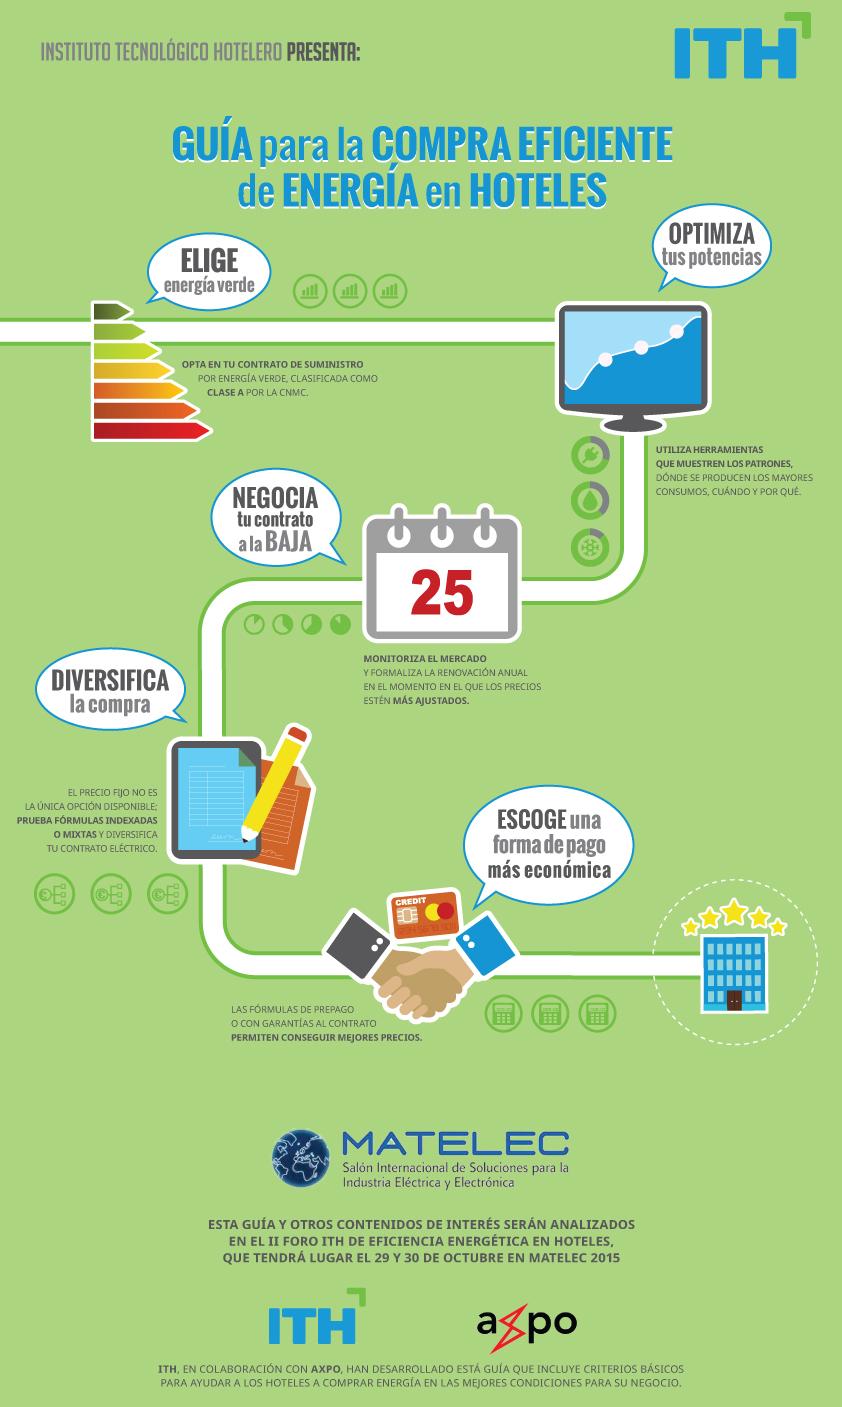 Guía para la Compra Eficiente de Energía ITH Axpo